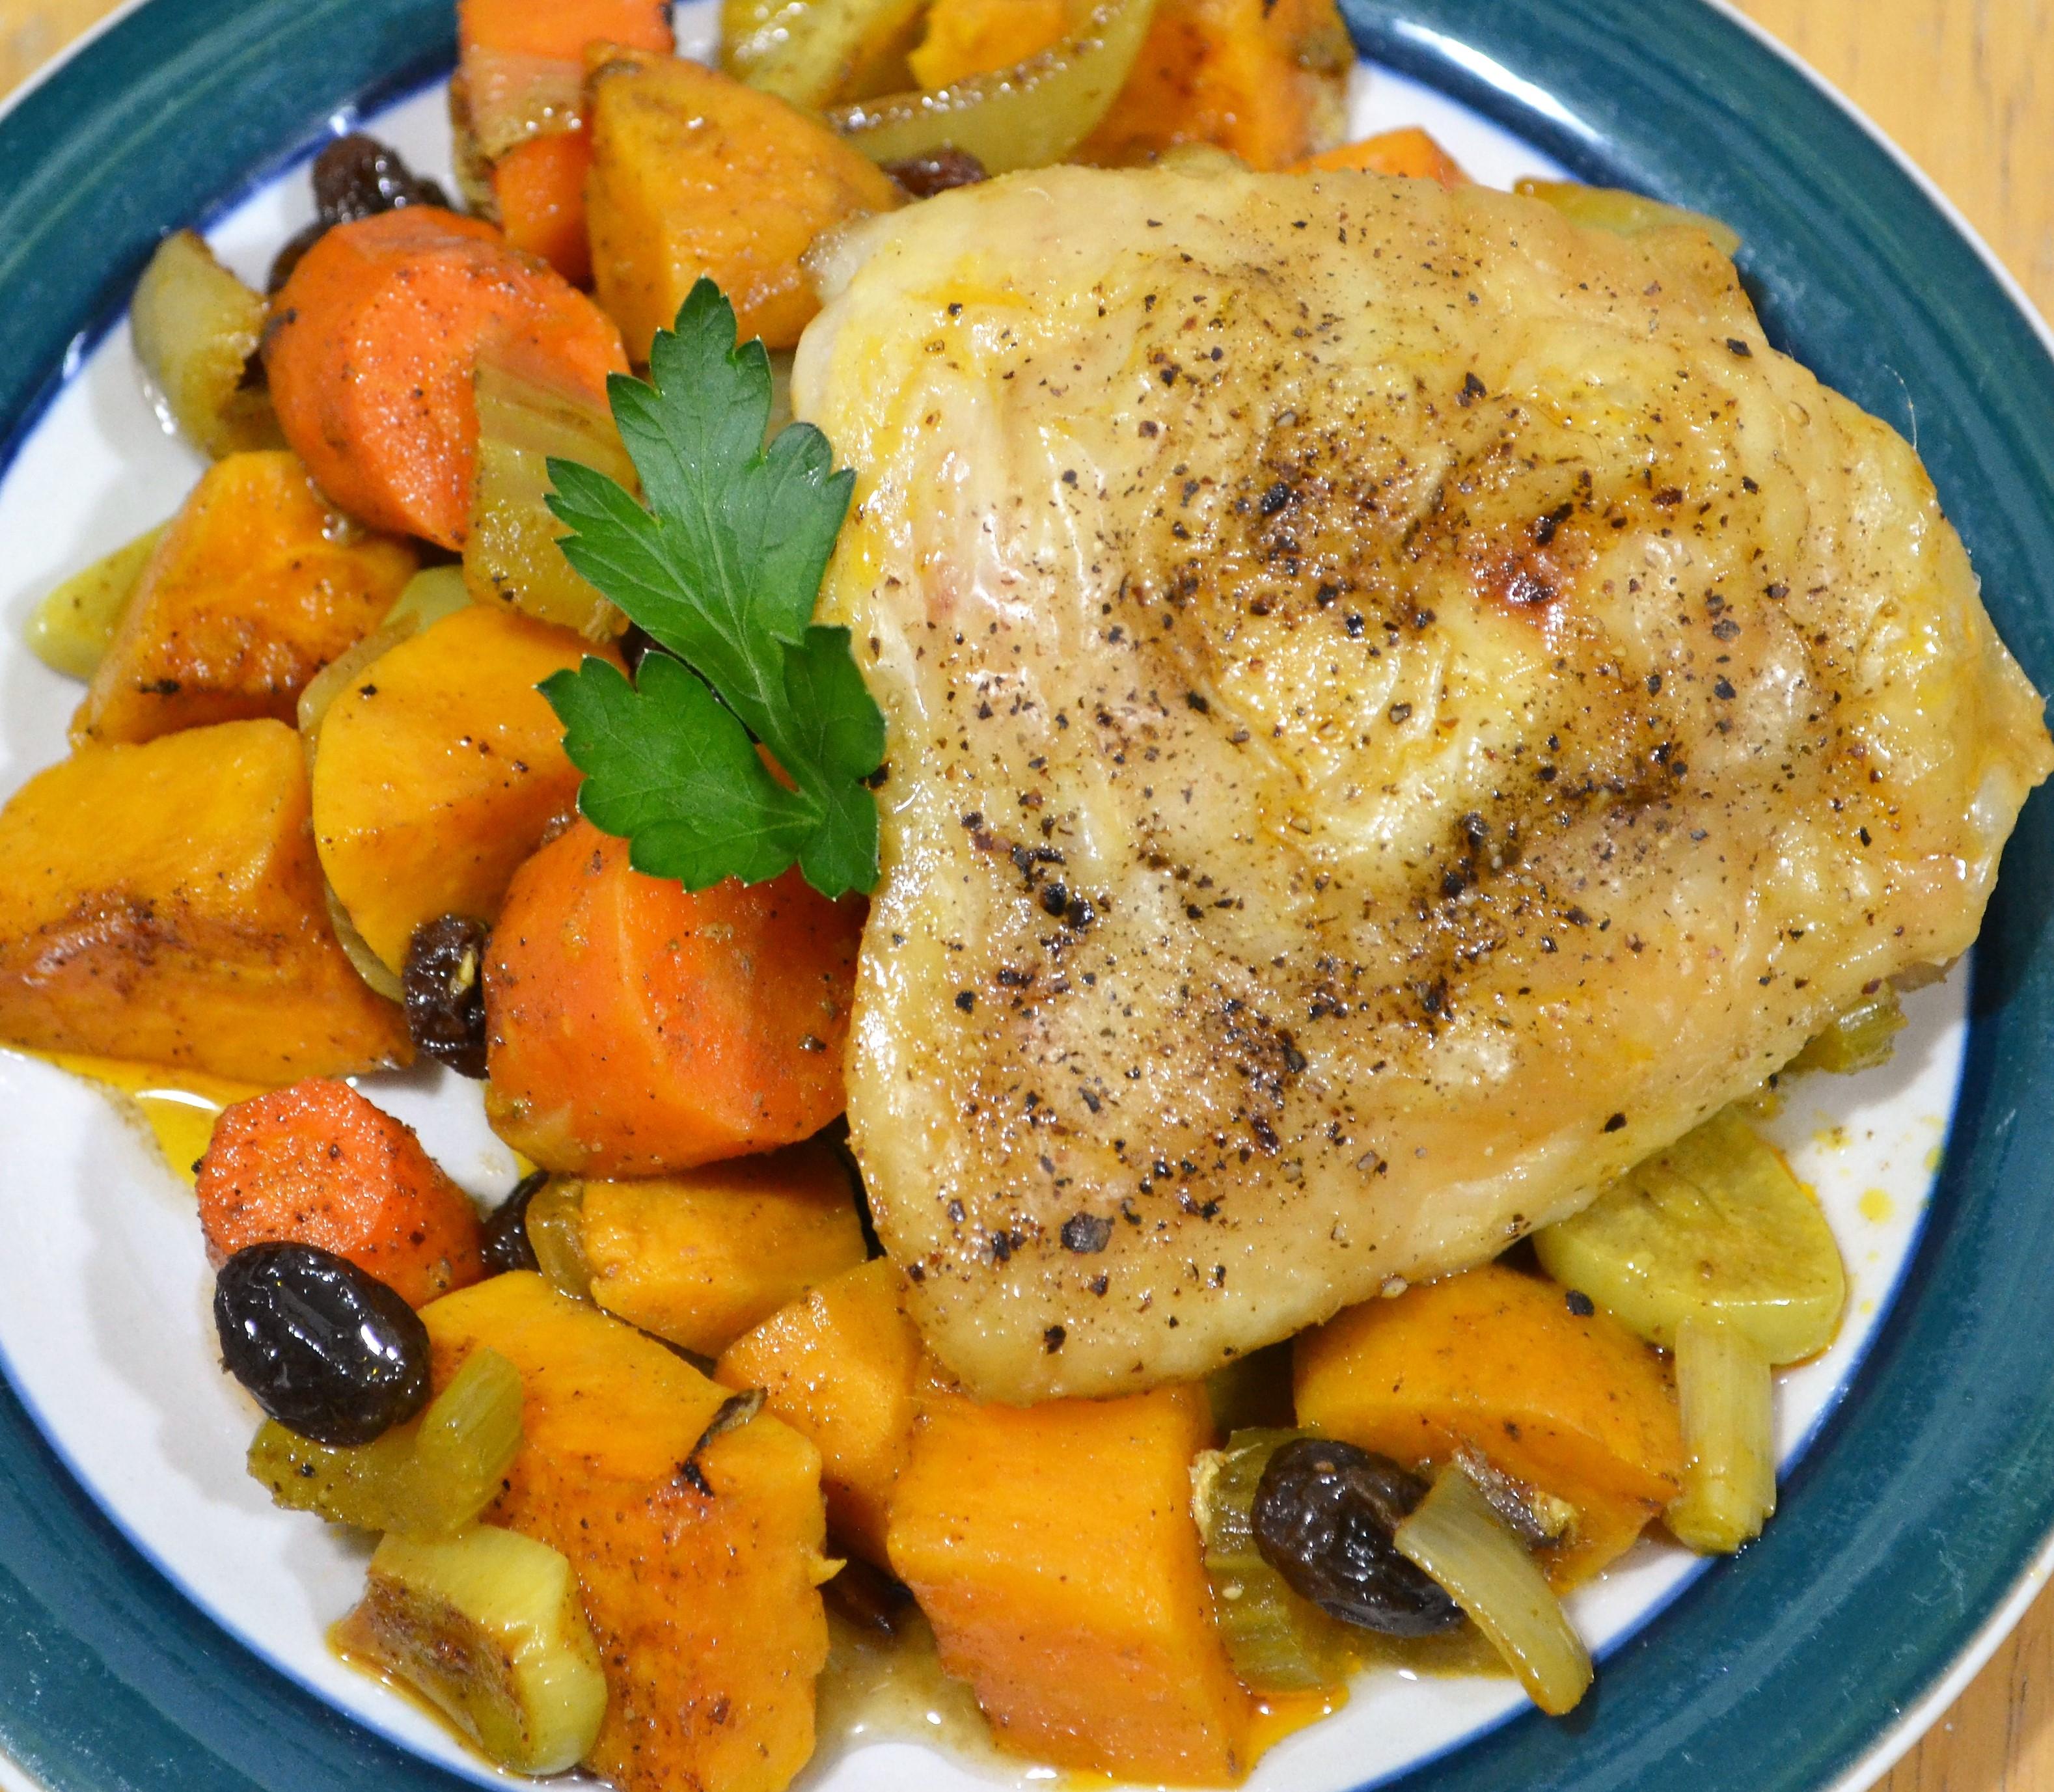 Tajine de Poulet aux Carottes et Patates Douces (Chicken and Sweet Potato Tagine) Kim